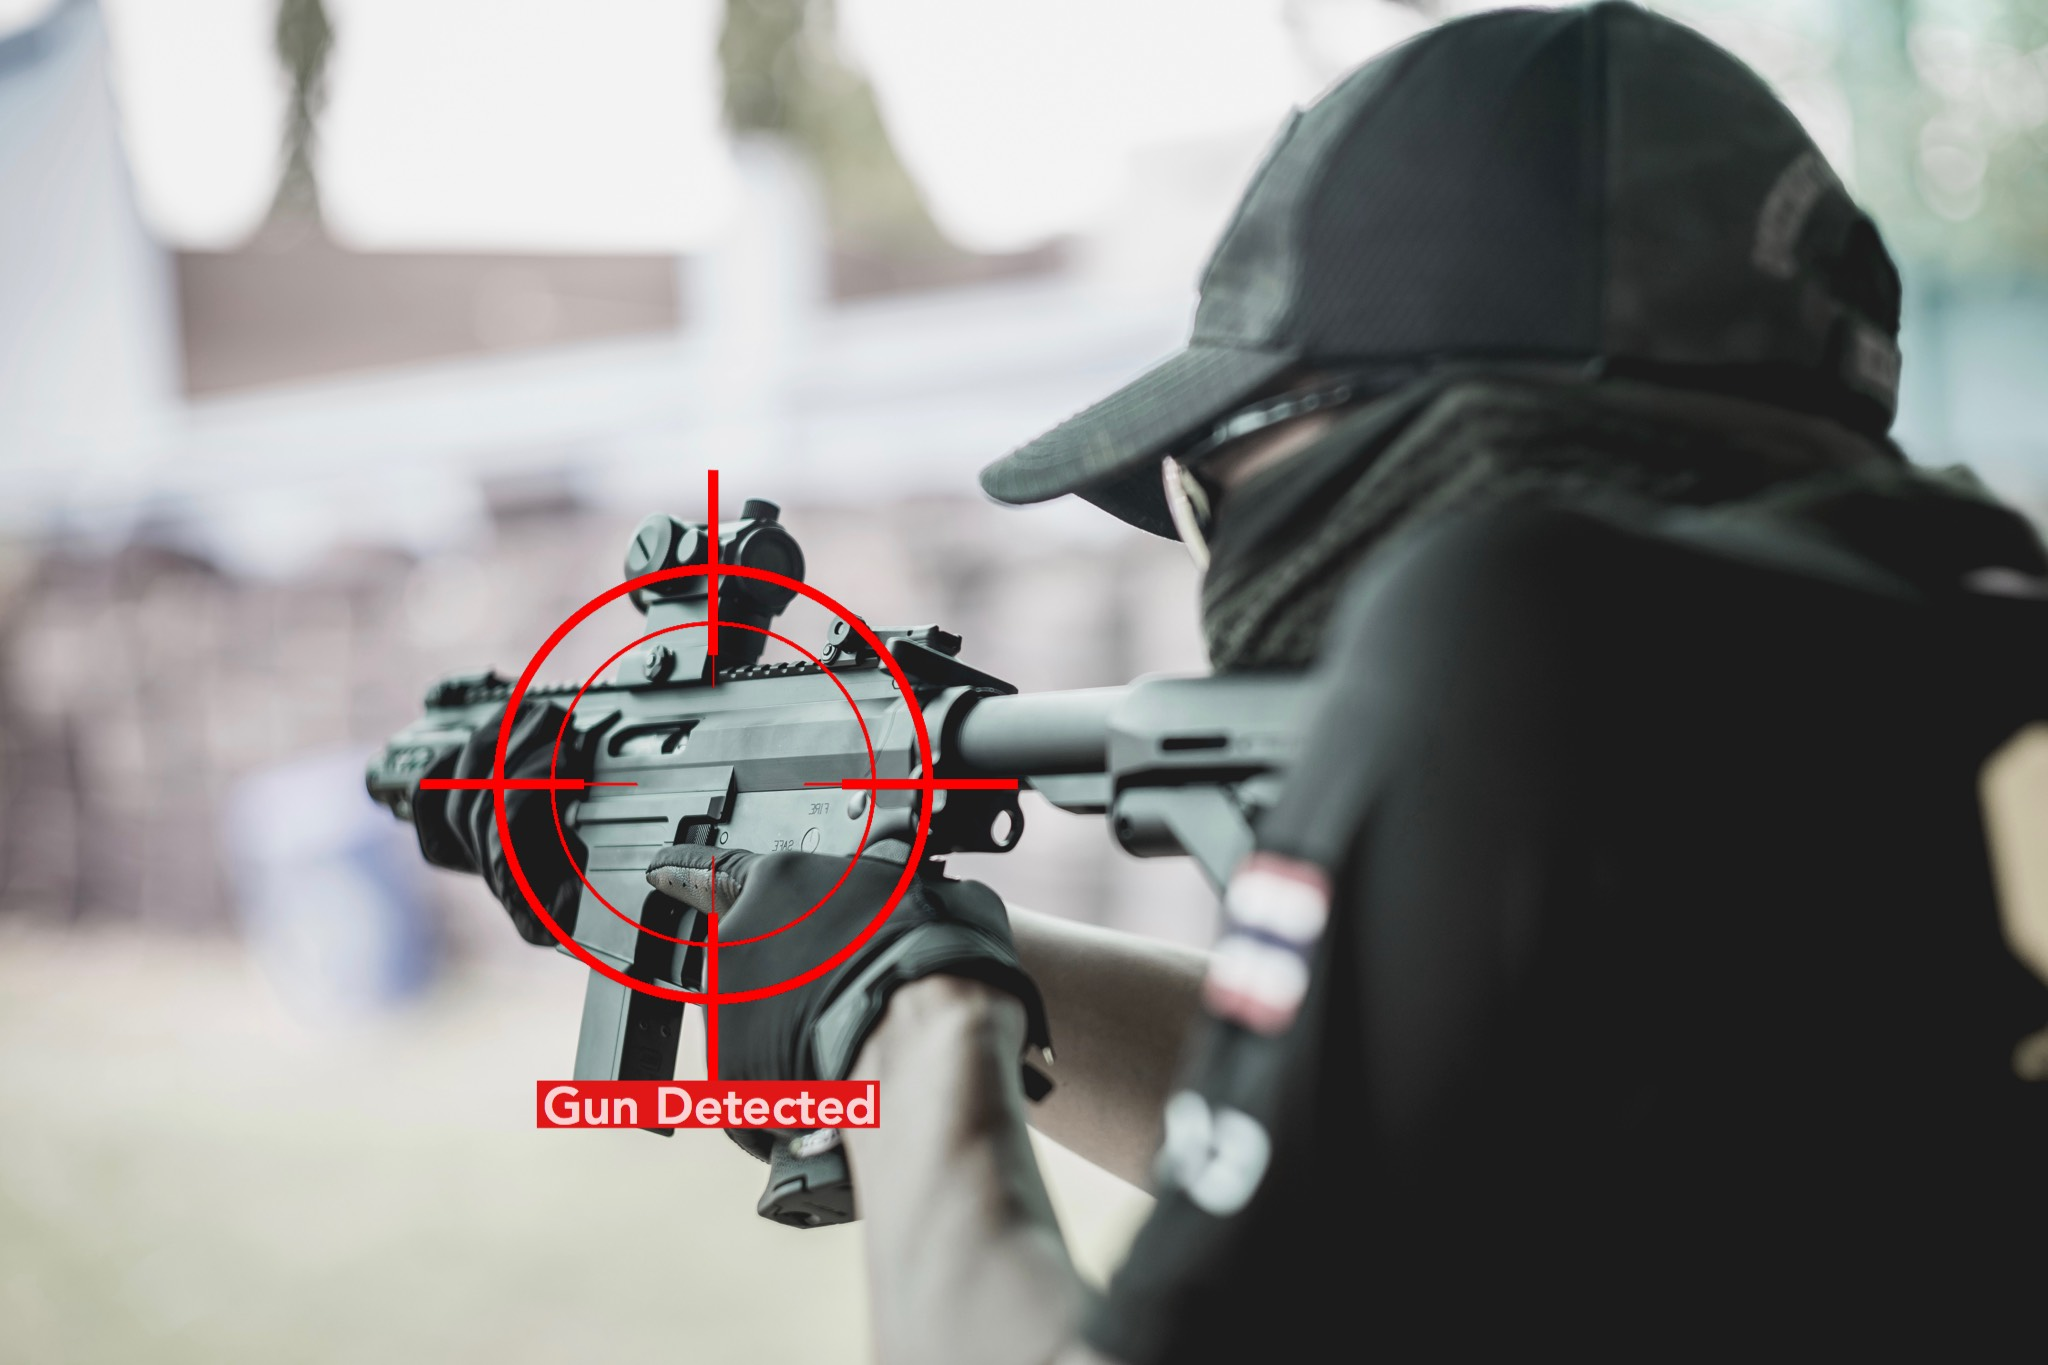 Gun Detected